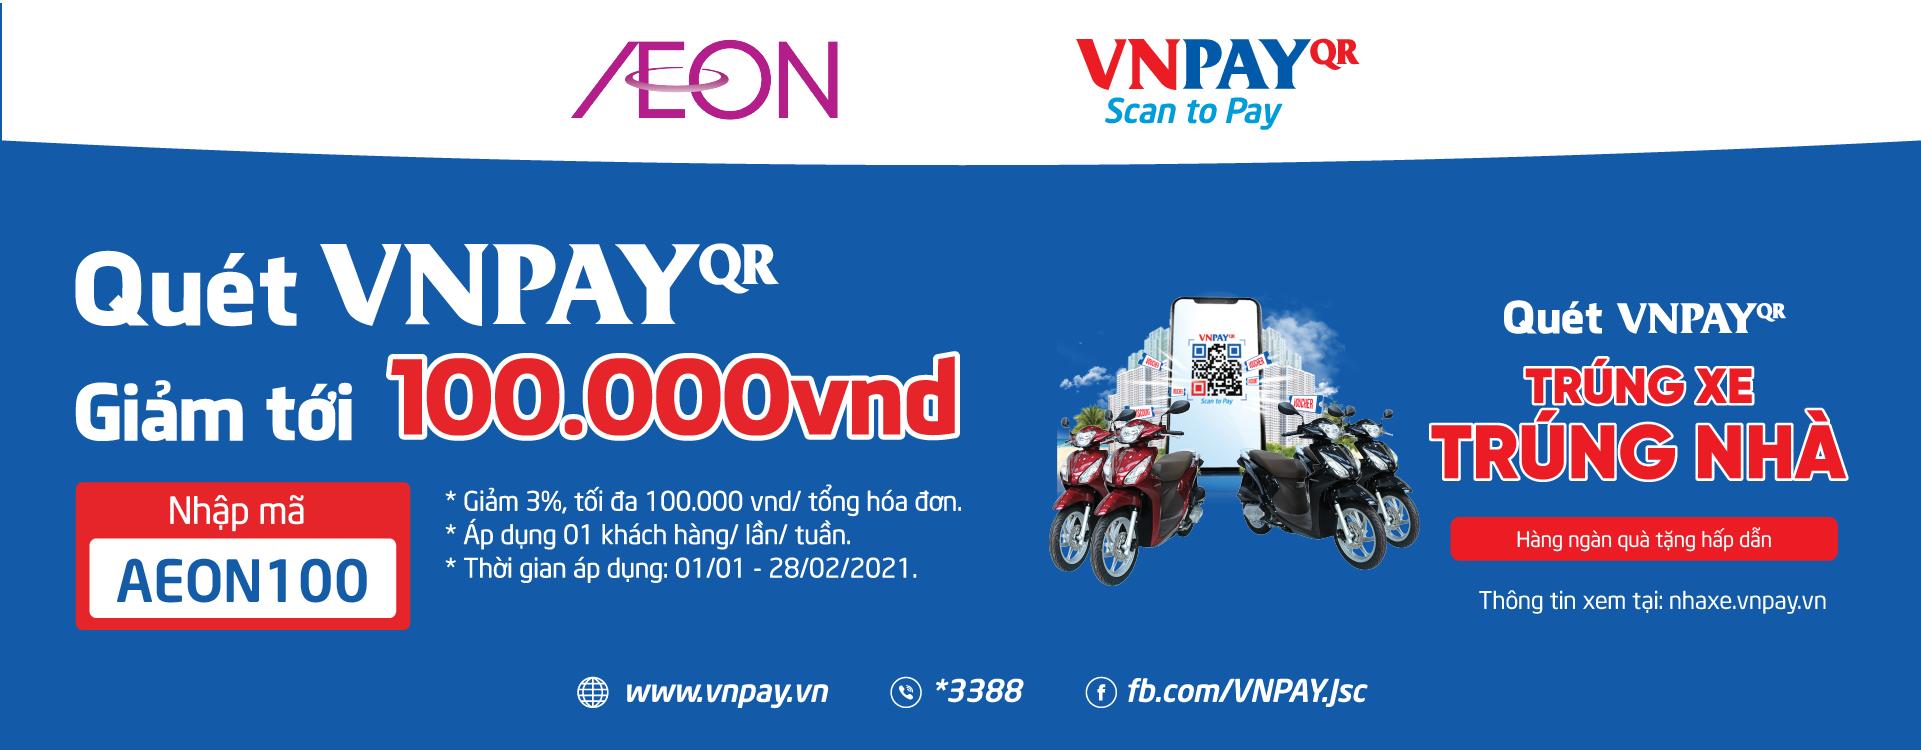 QUÉT VNPAY-QR, GIẢM TỚI 100,000Đ